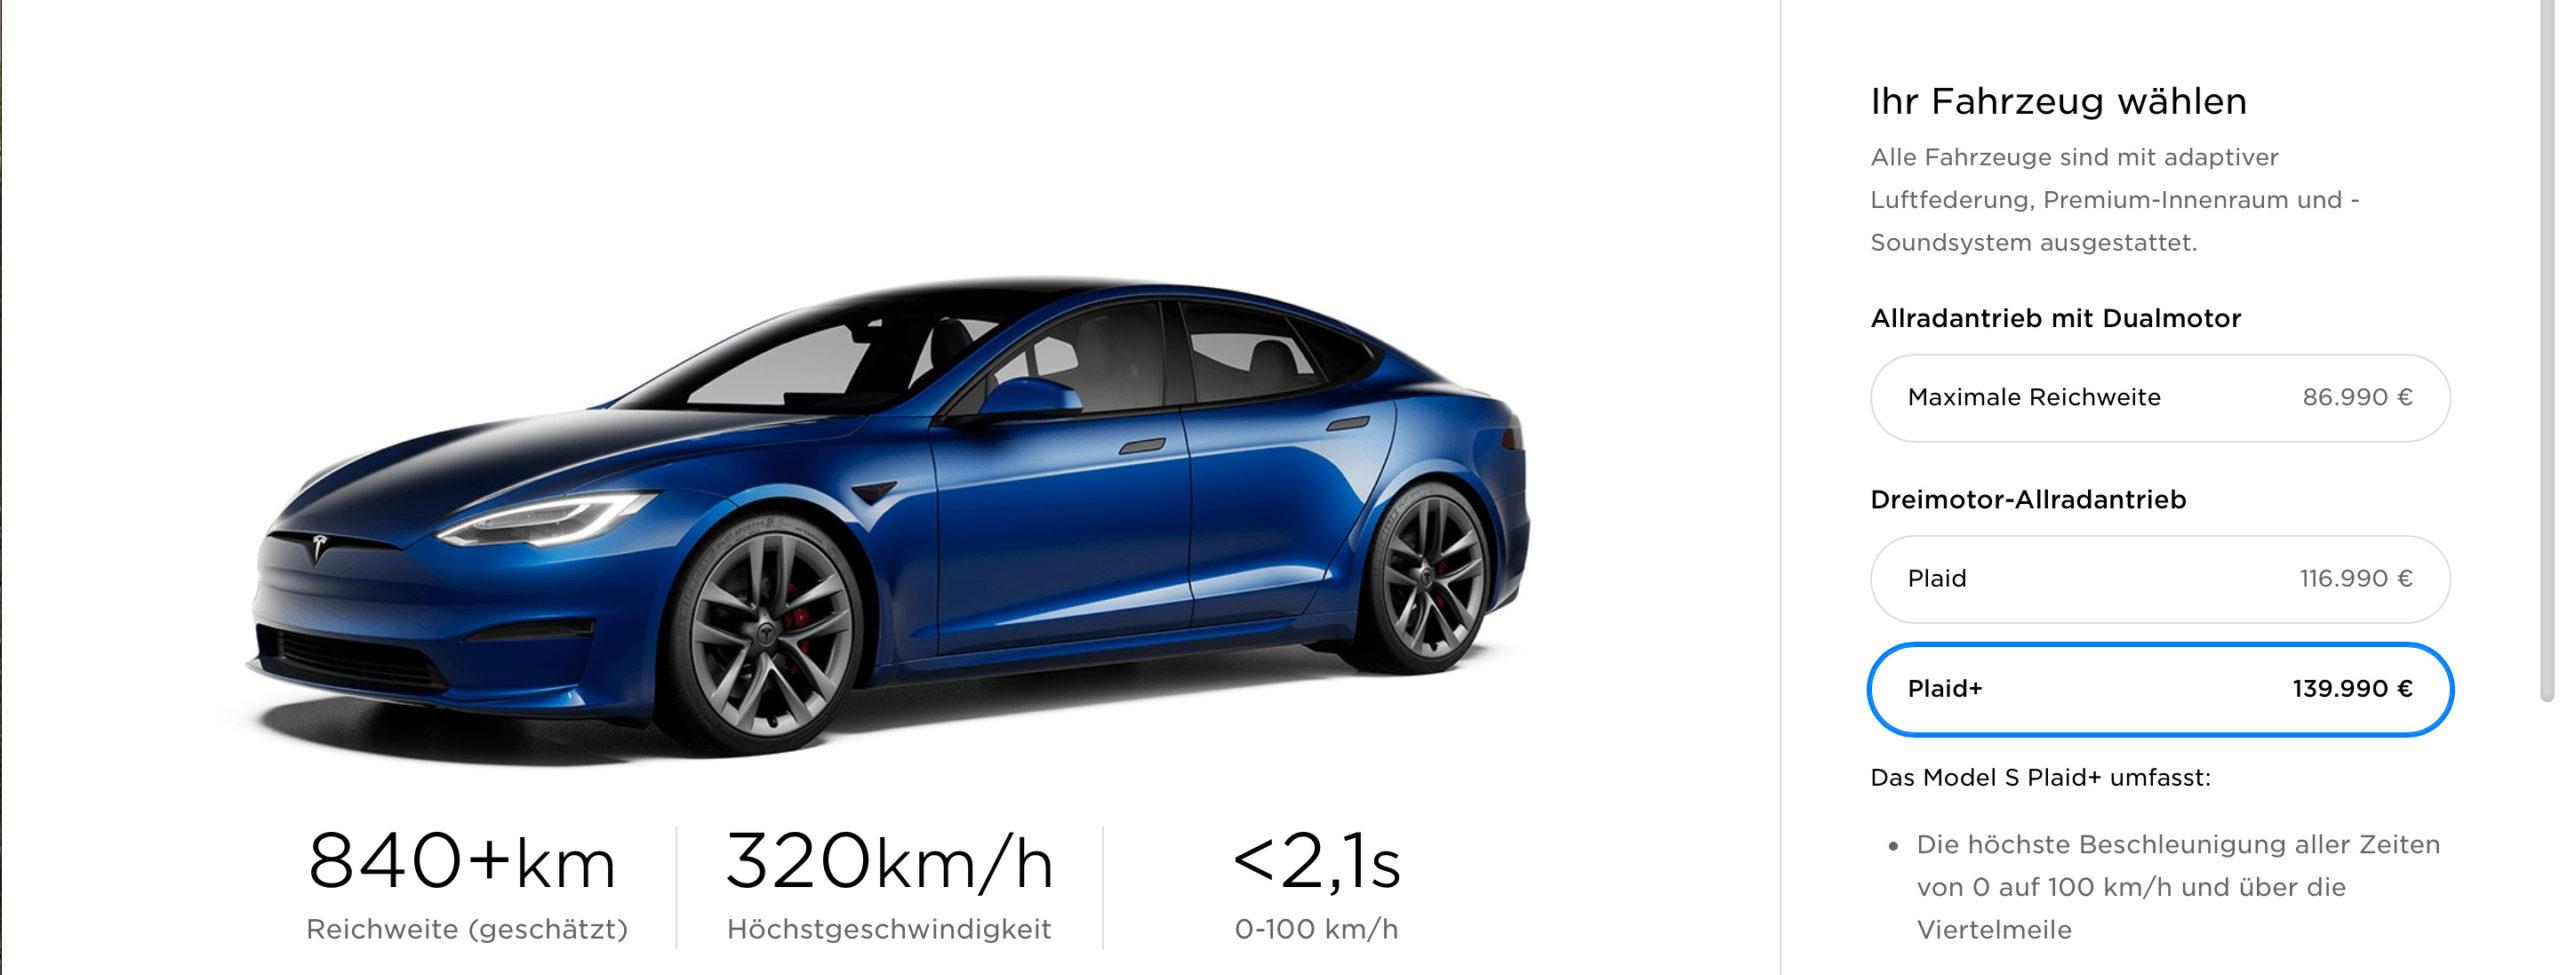 Faceliftovaná Tesla Model S Plaid+ (Foto: Tesla)